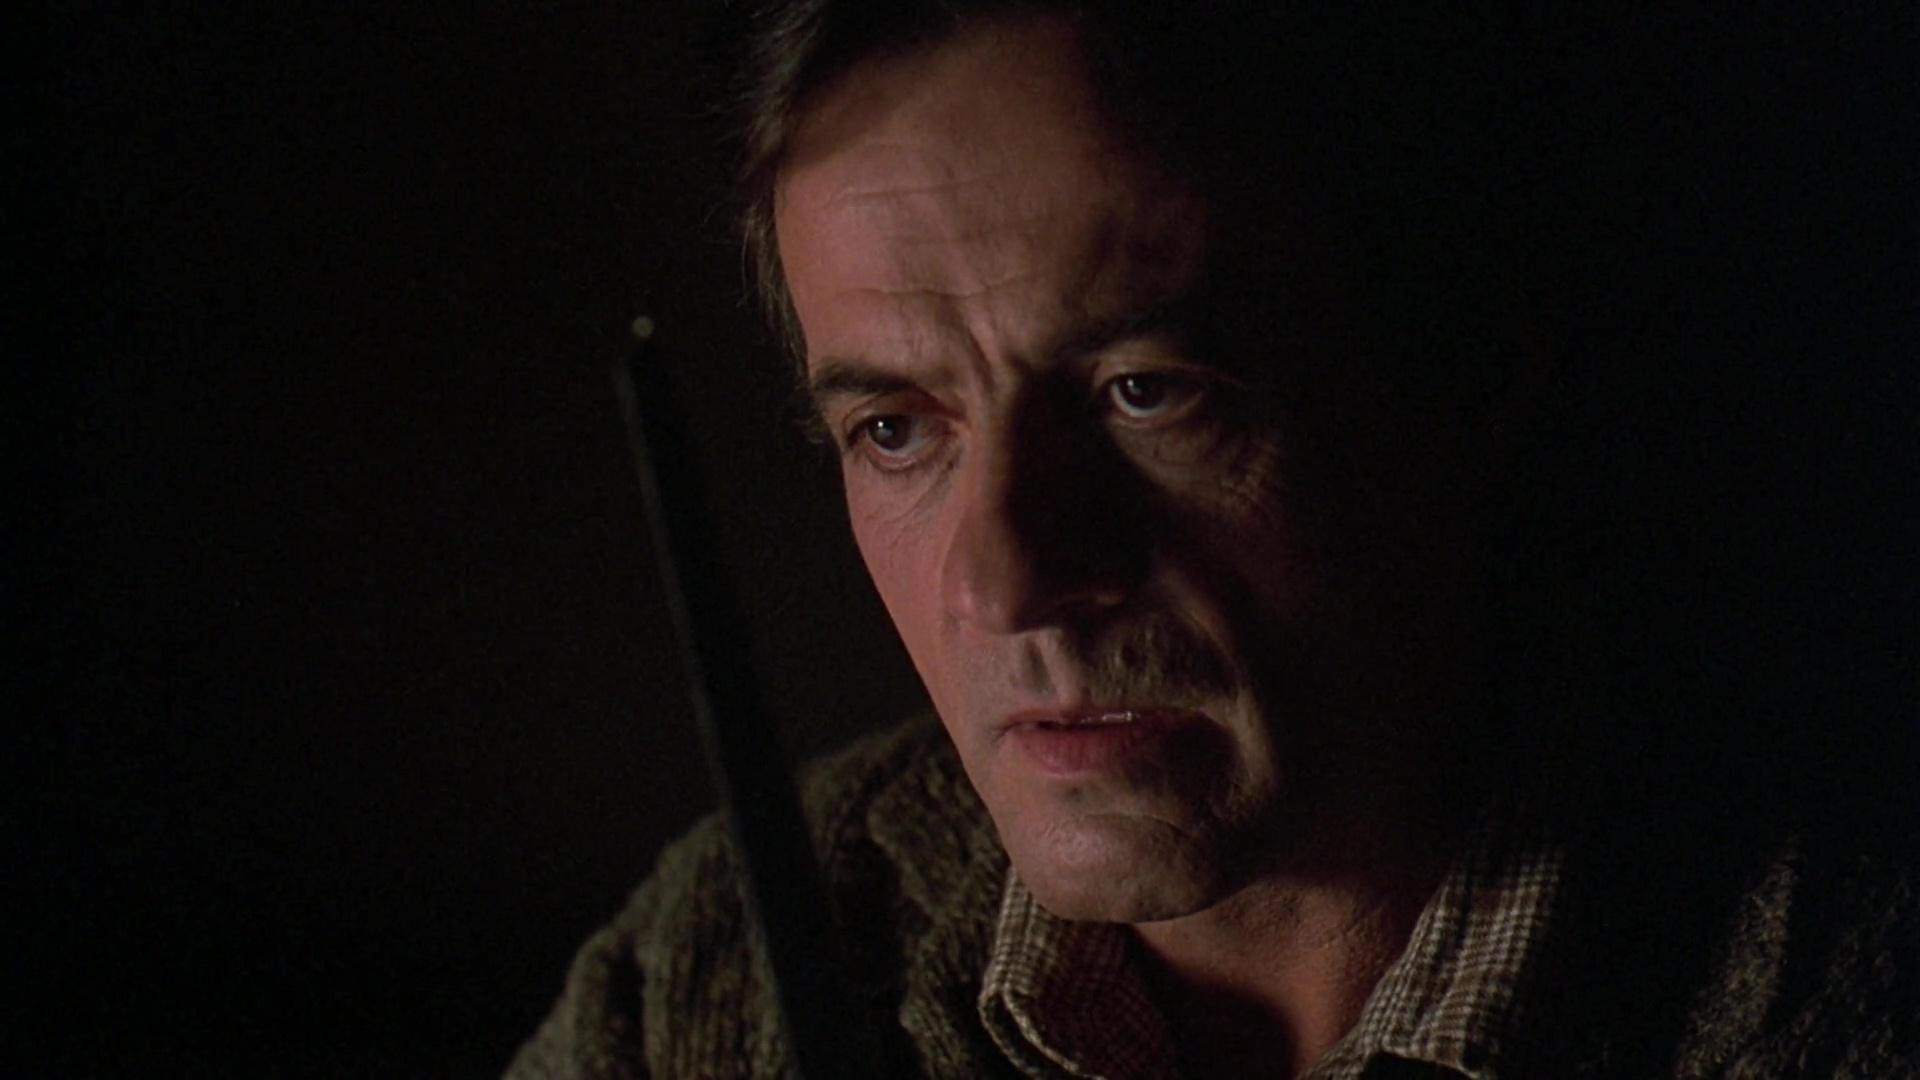 Viernes 13 Parte 7 1080p Lat-Cast-Ing 5.1 (1988)